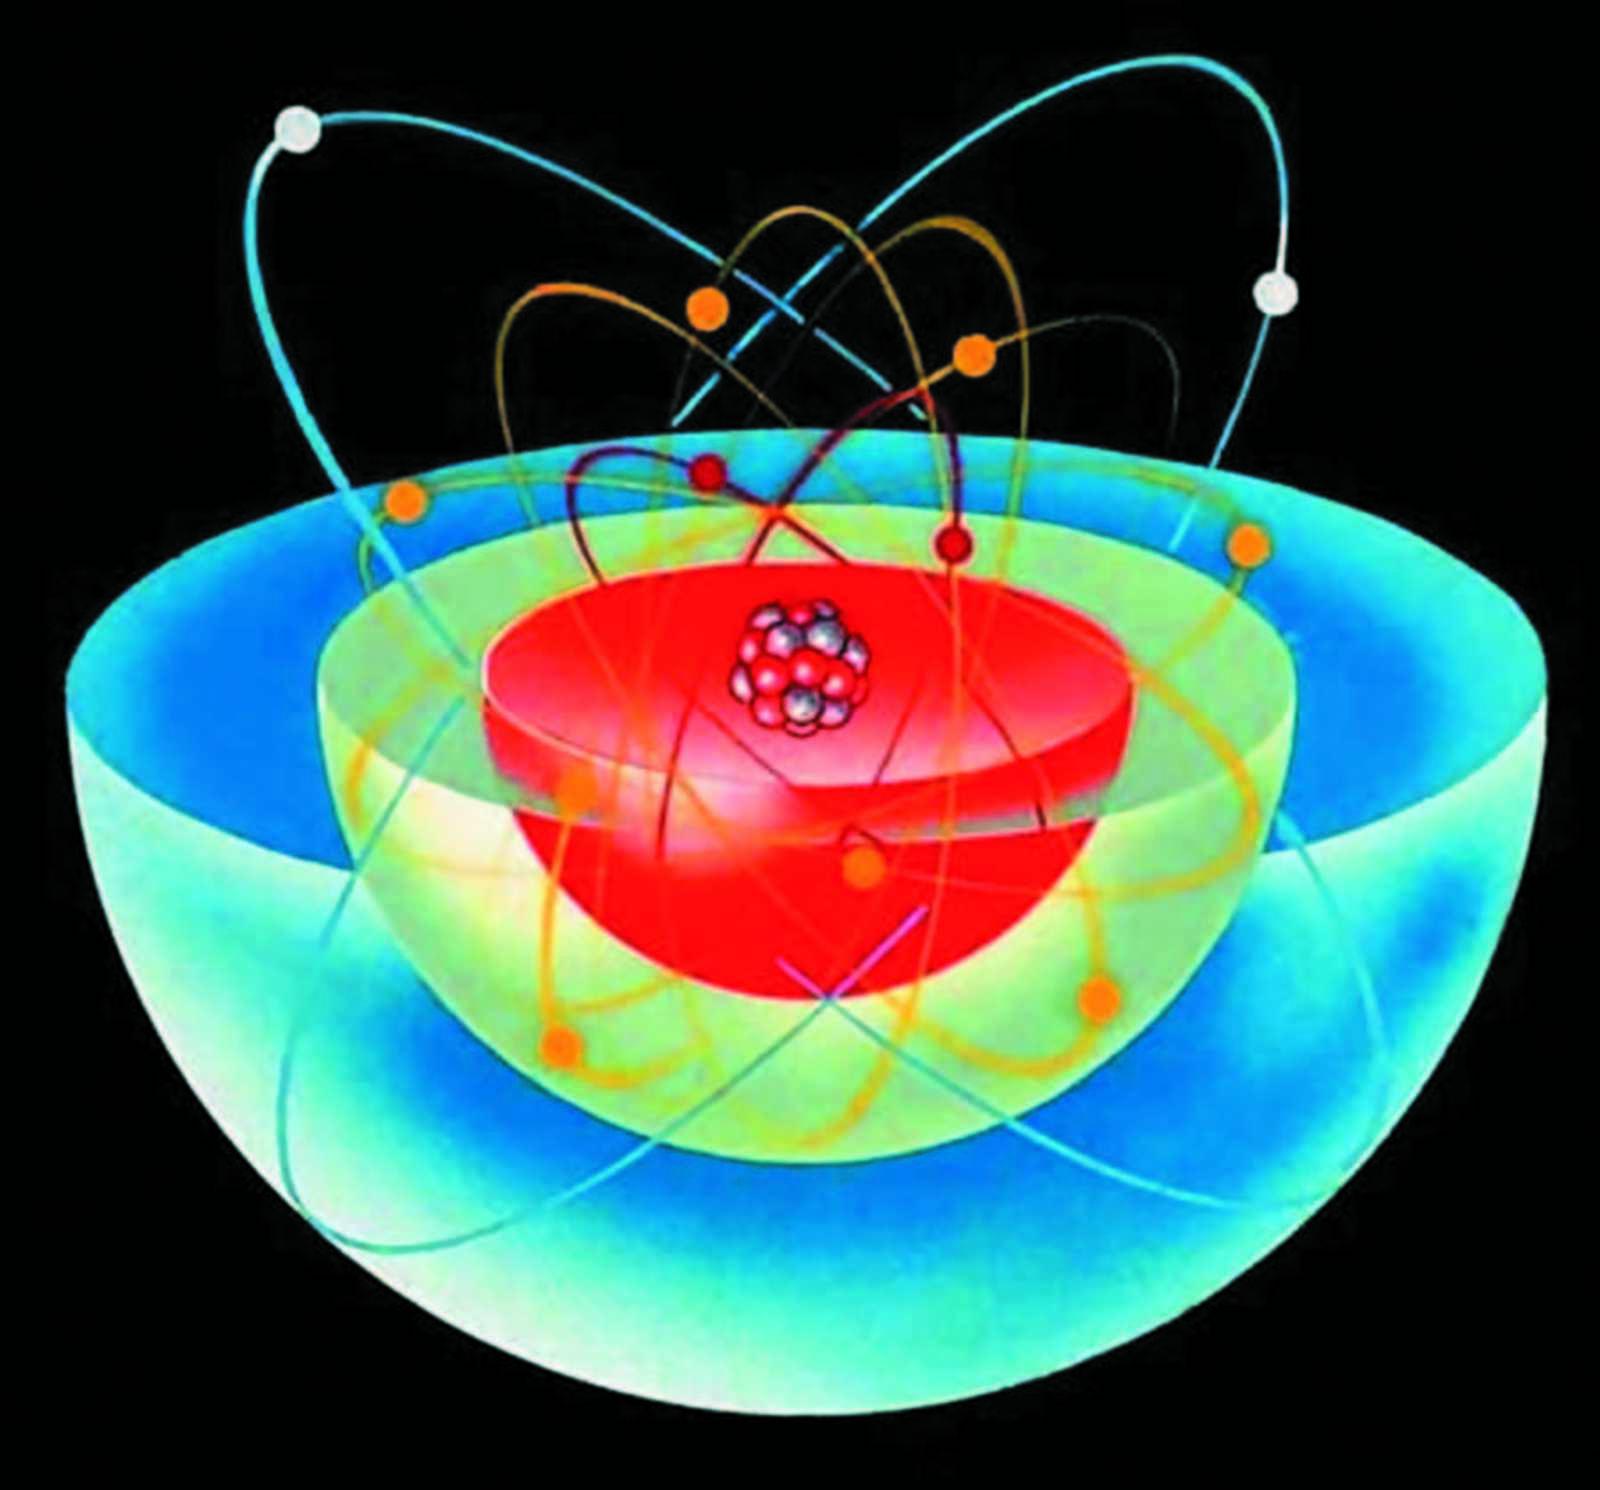 С помощью нейтронов можно наблюдать за динамикой атомов